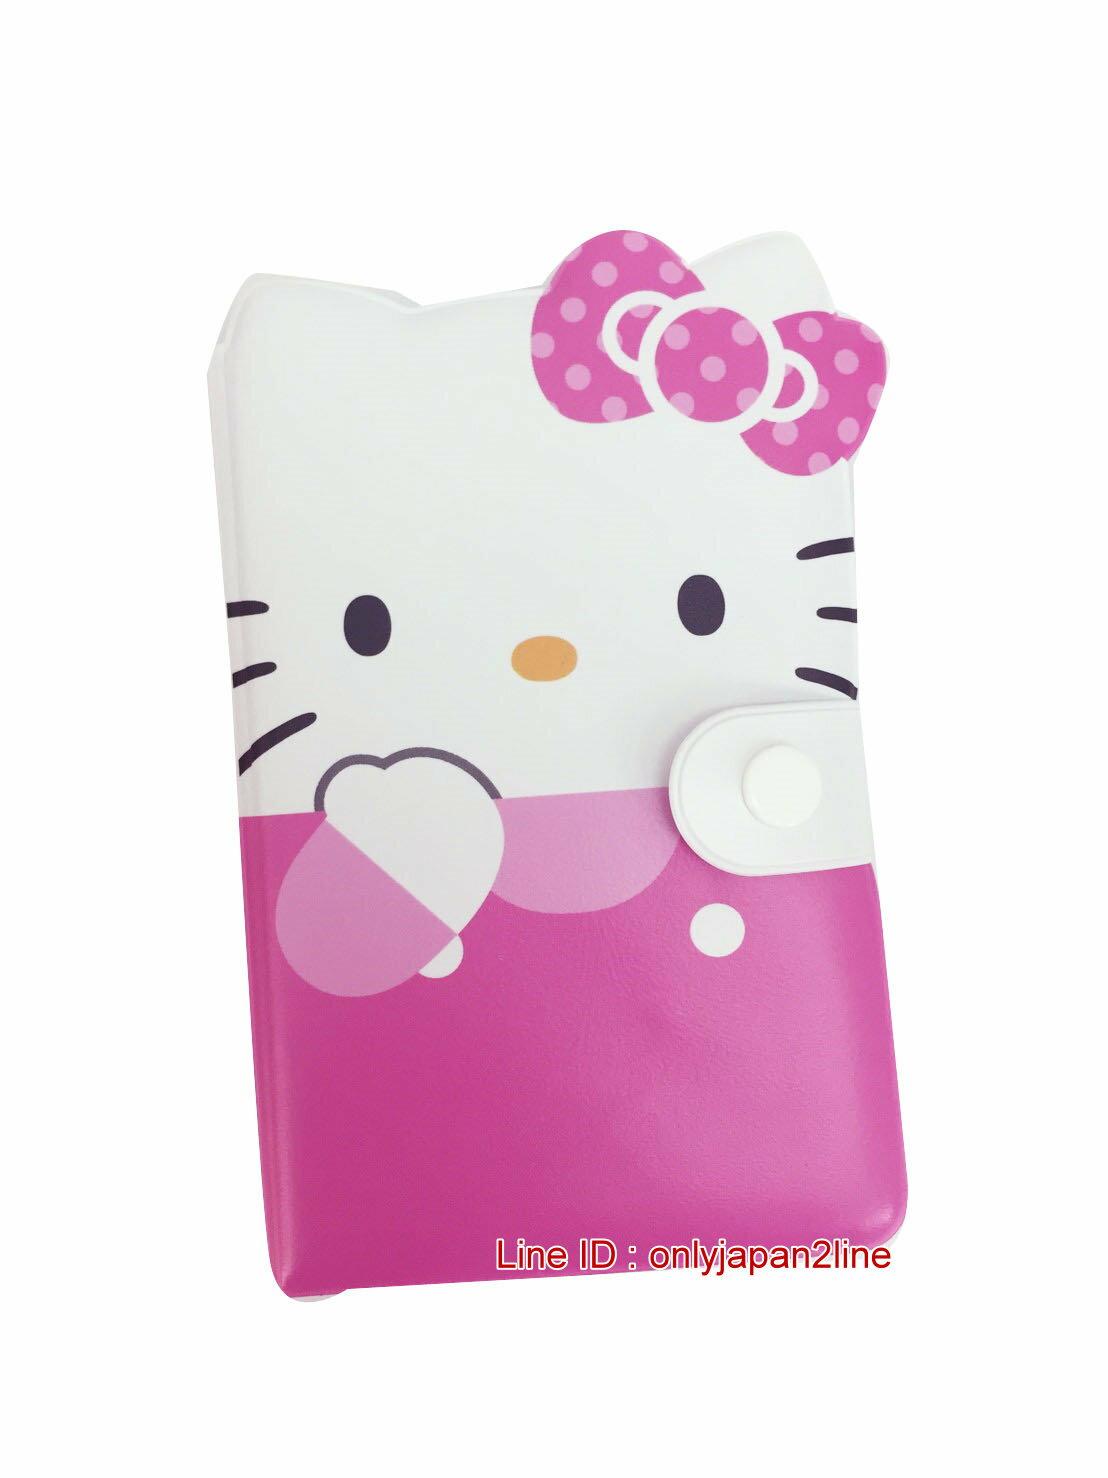 【真愛日本】16121200010造型名片本-KT大臉粉  三麗鷗 Hello Kitty 凱蒂貓  名片冊 證件夾